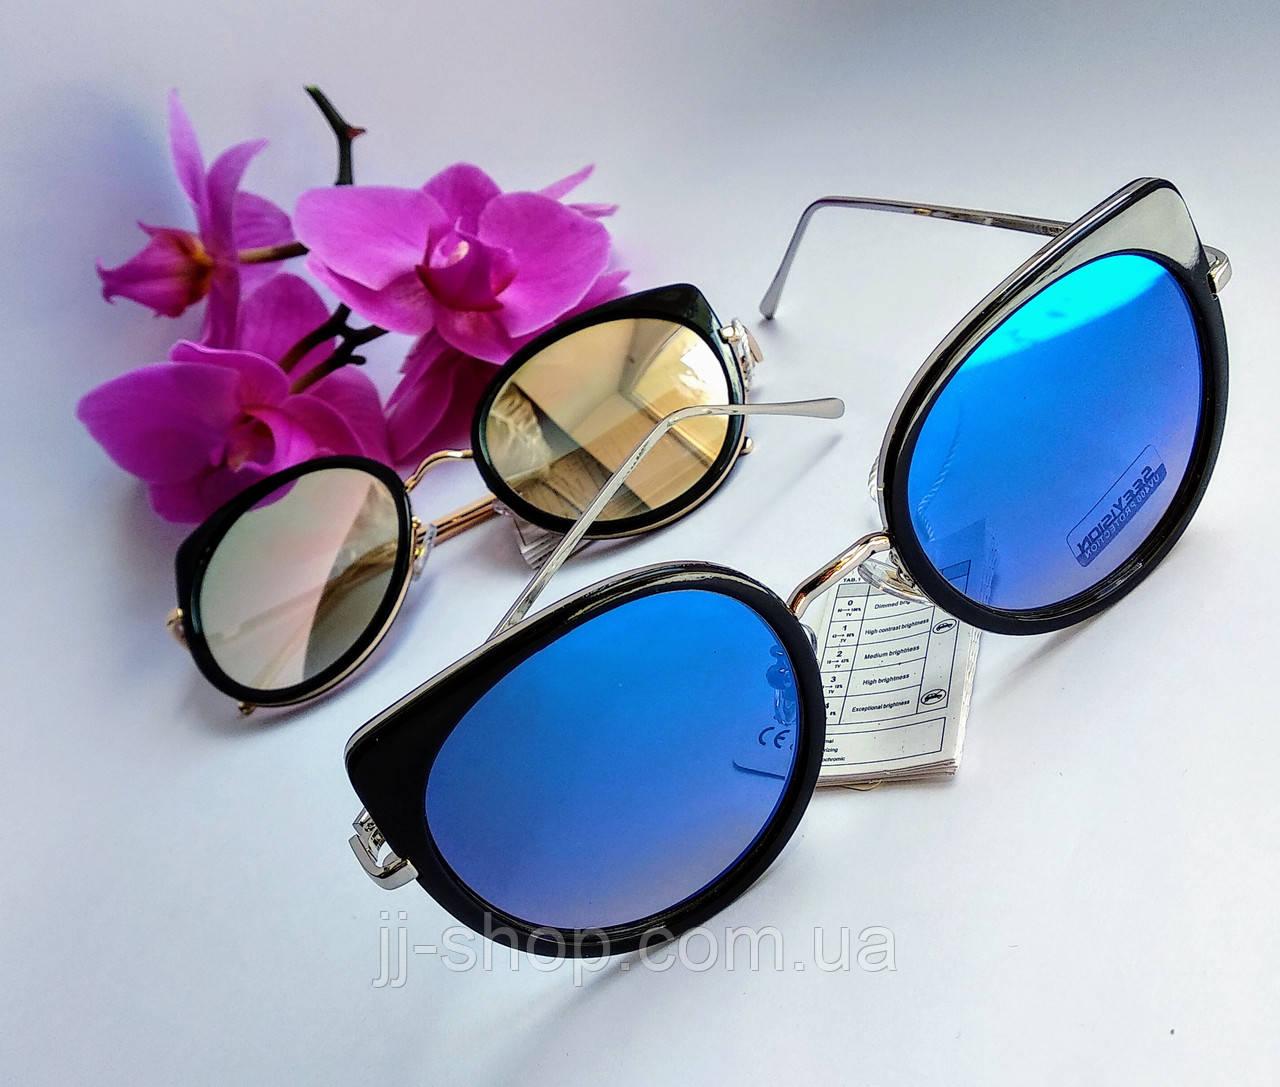 Купить зеркальные солнцезащитные очки